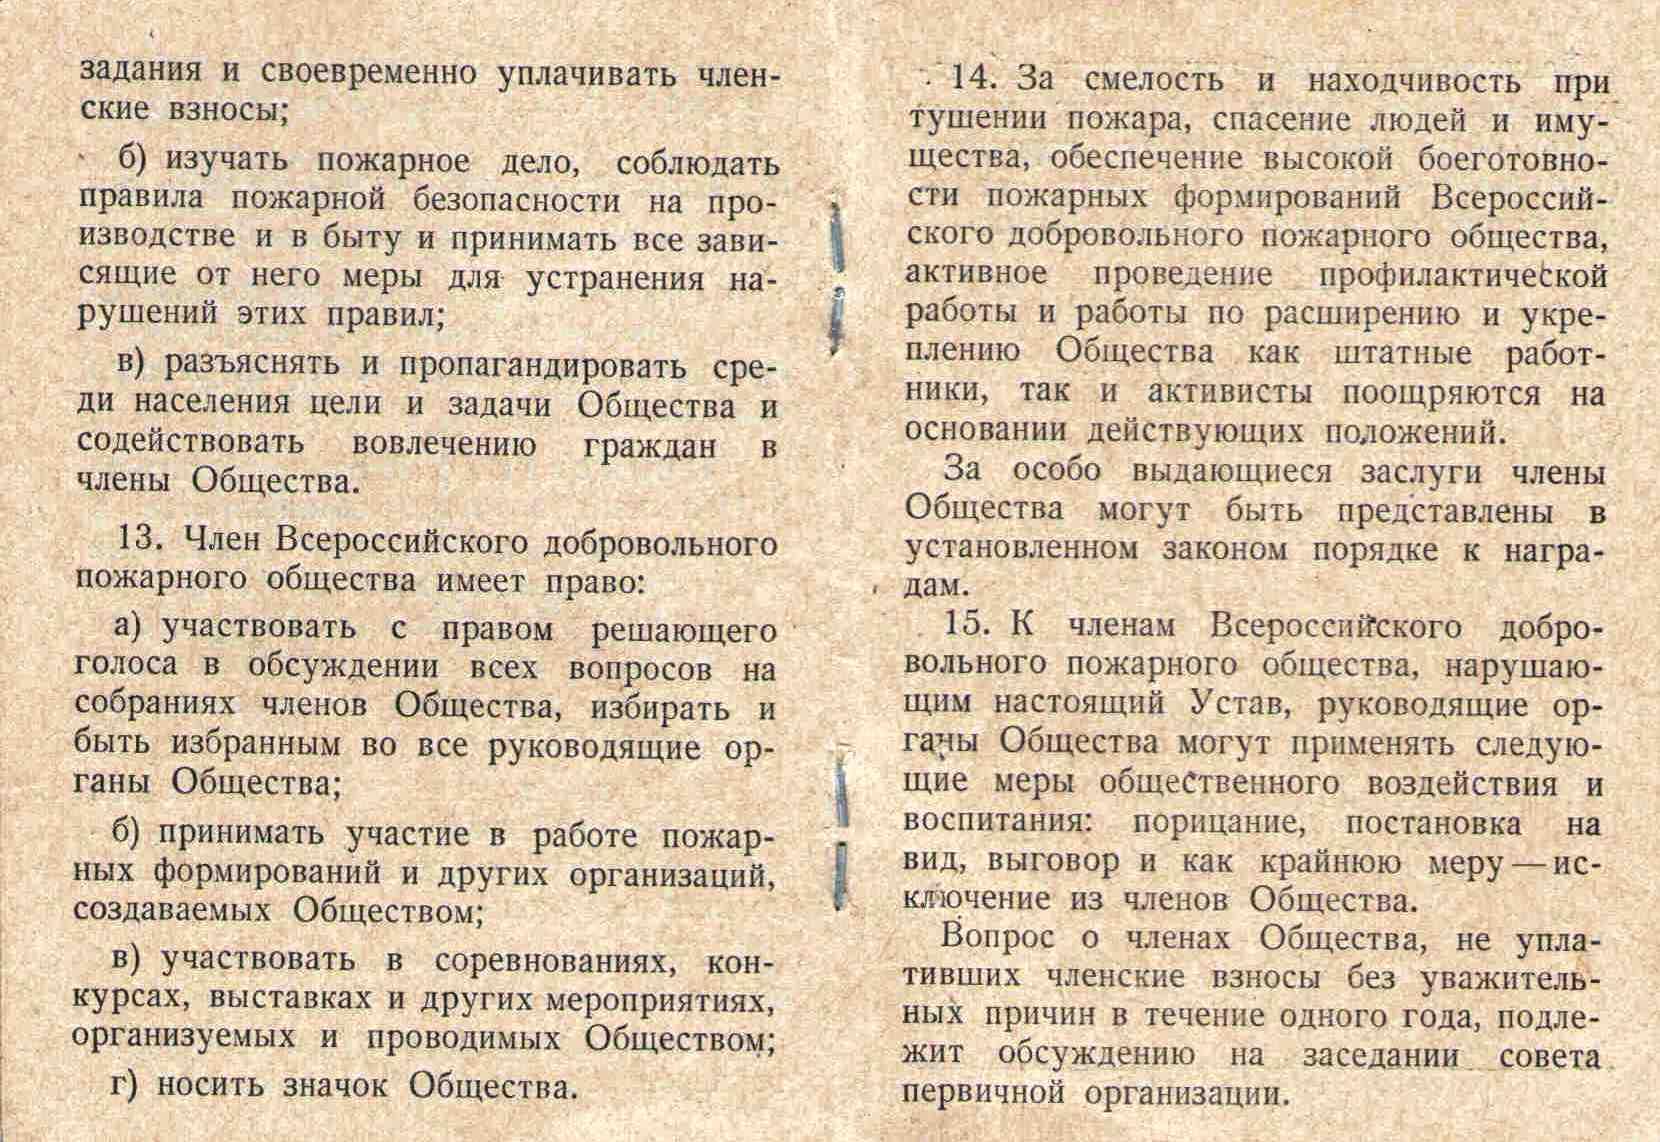 62. Членский билет Всероссийского добровольного пожарного общества, 1976